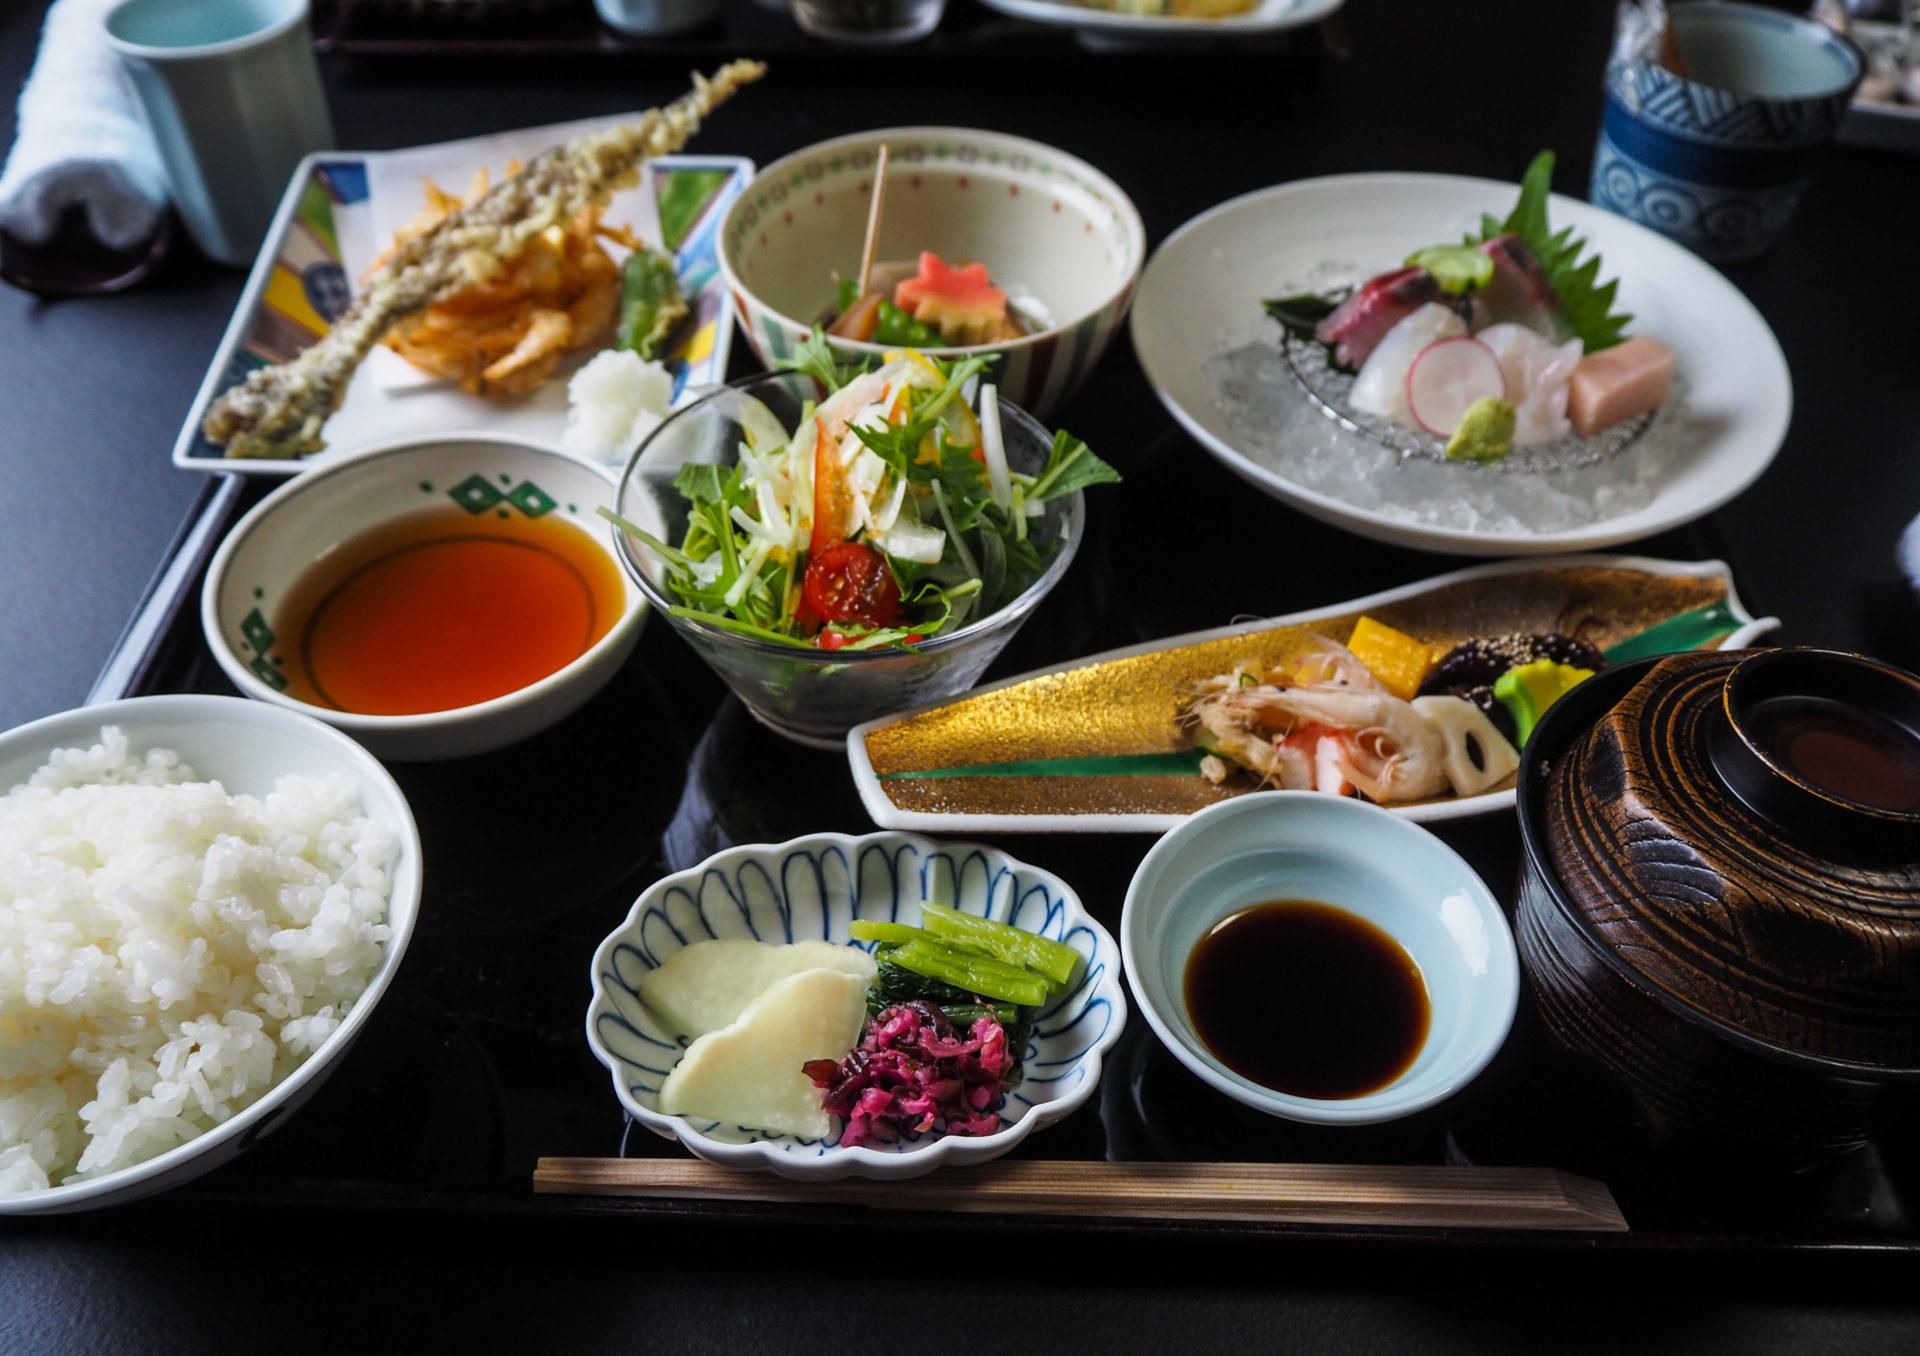 Restaurant de fruits de mer à Toyama - Préfecture de Toyama, porte d'entrée vers les Alpes Japonaises - Voyager au Japon hors des sentiers battus